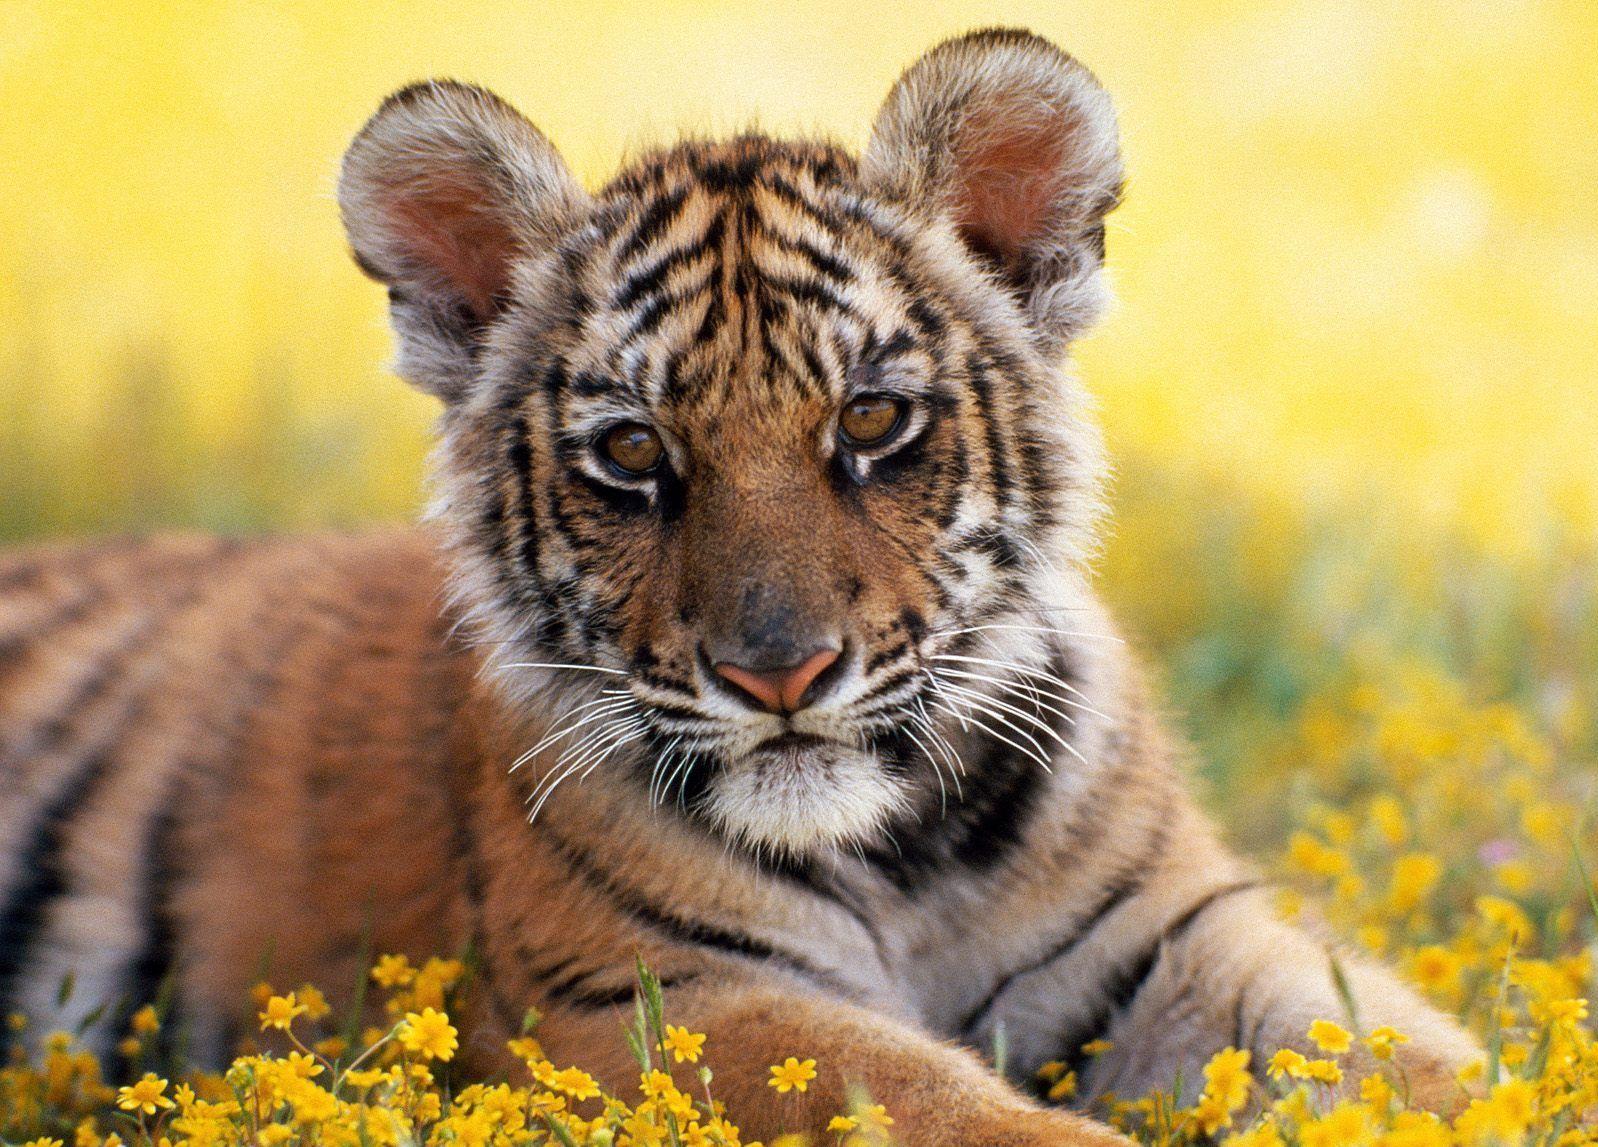 мужчина красивые картинки маленьких тигрят знаменитой